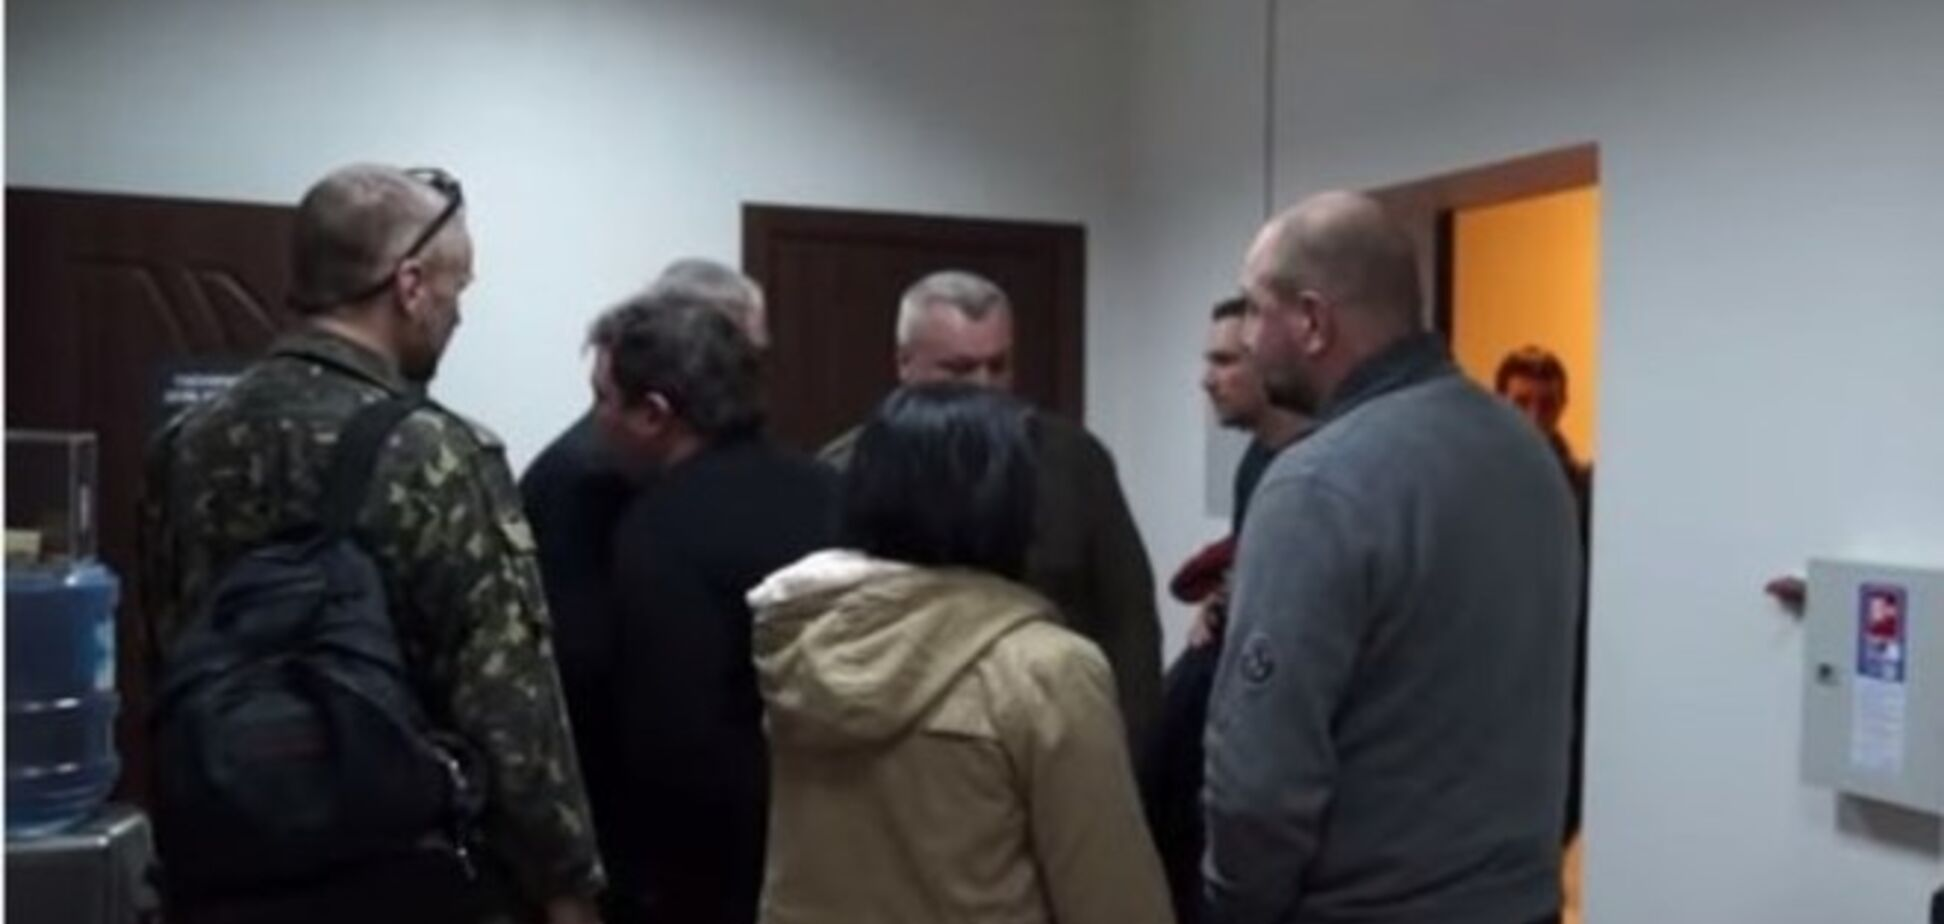 Экс-комбат Мельничук ударил раненого бойца после телеэфира: опубликовано видео